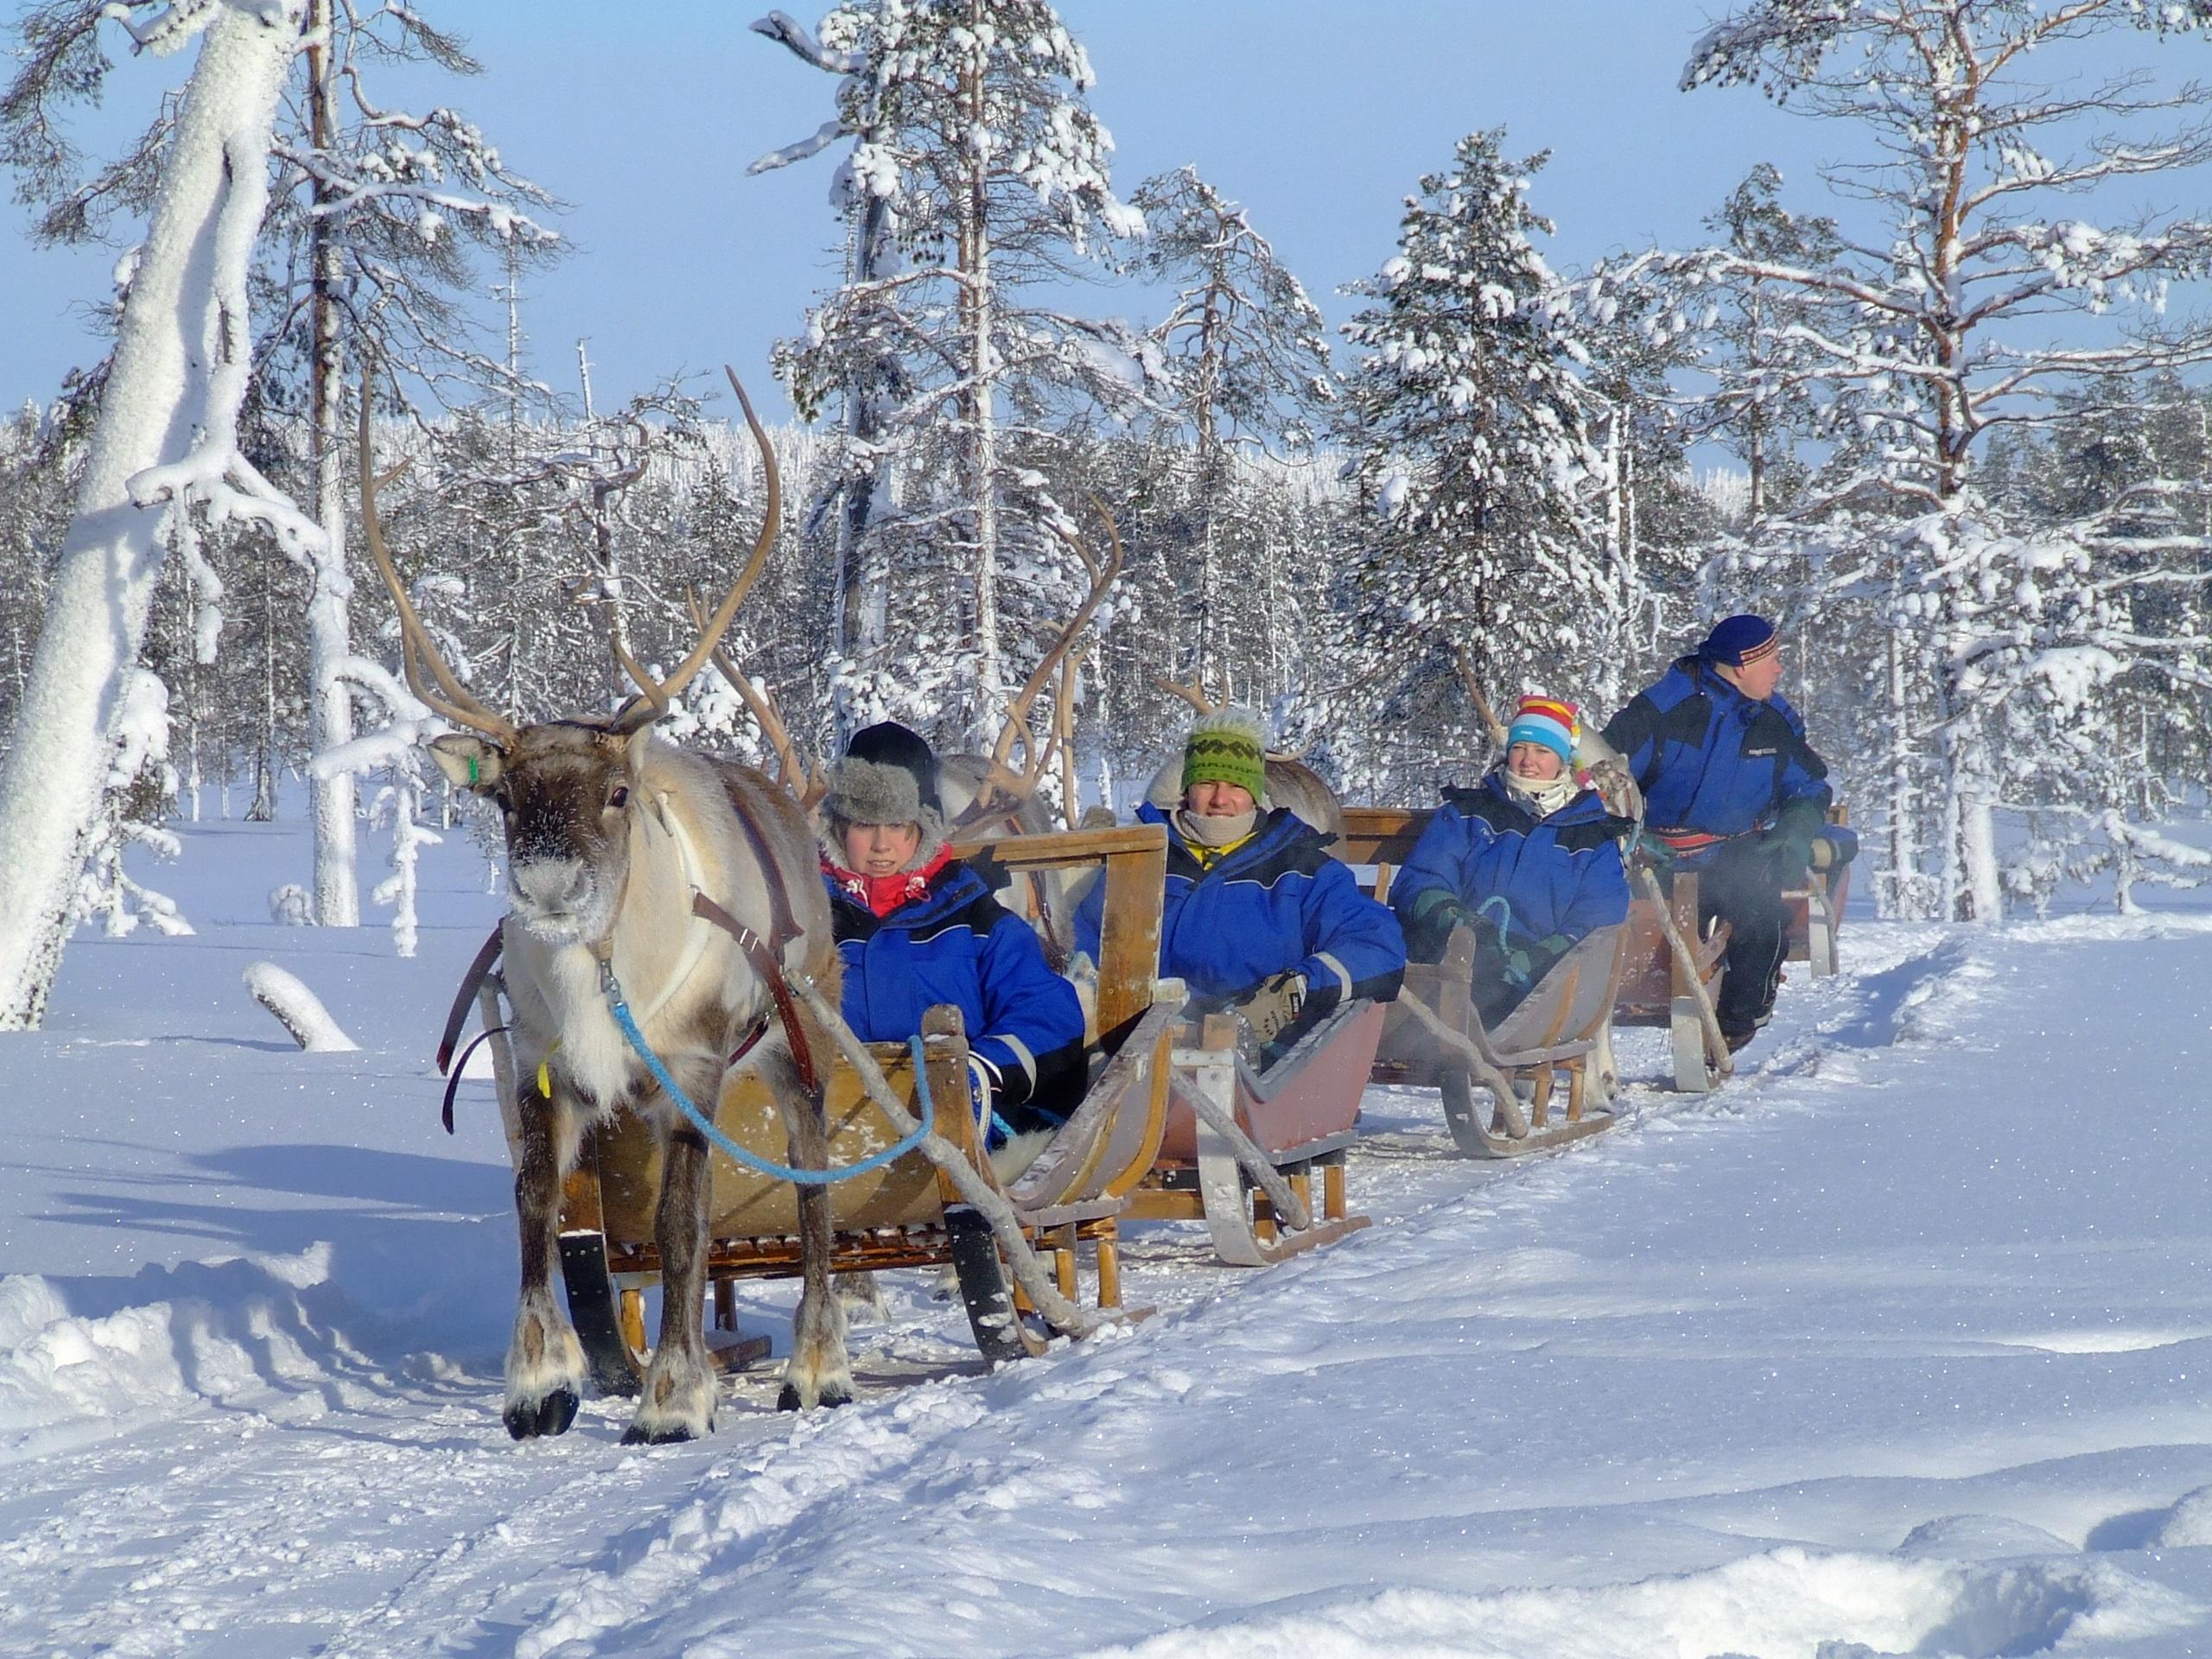 Finland - Wildernisweek Fins Lapland